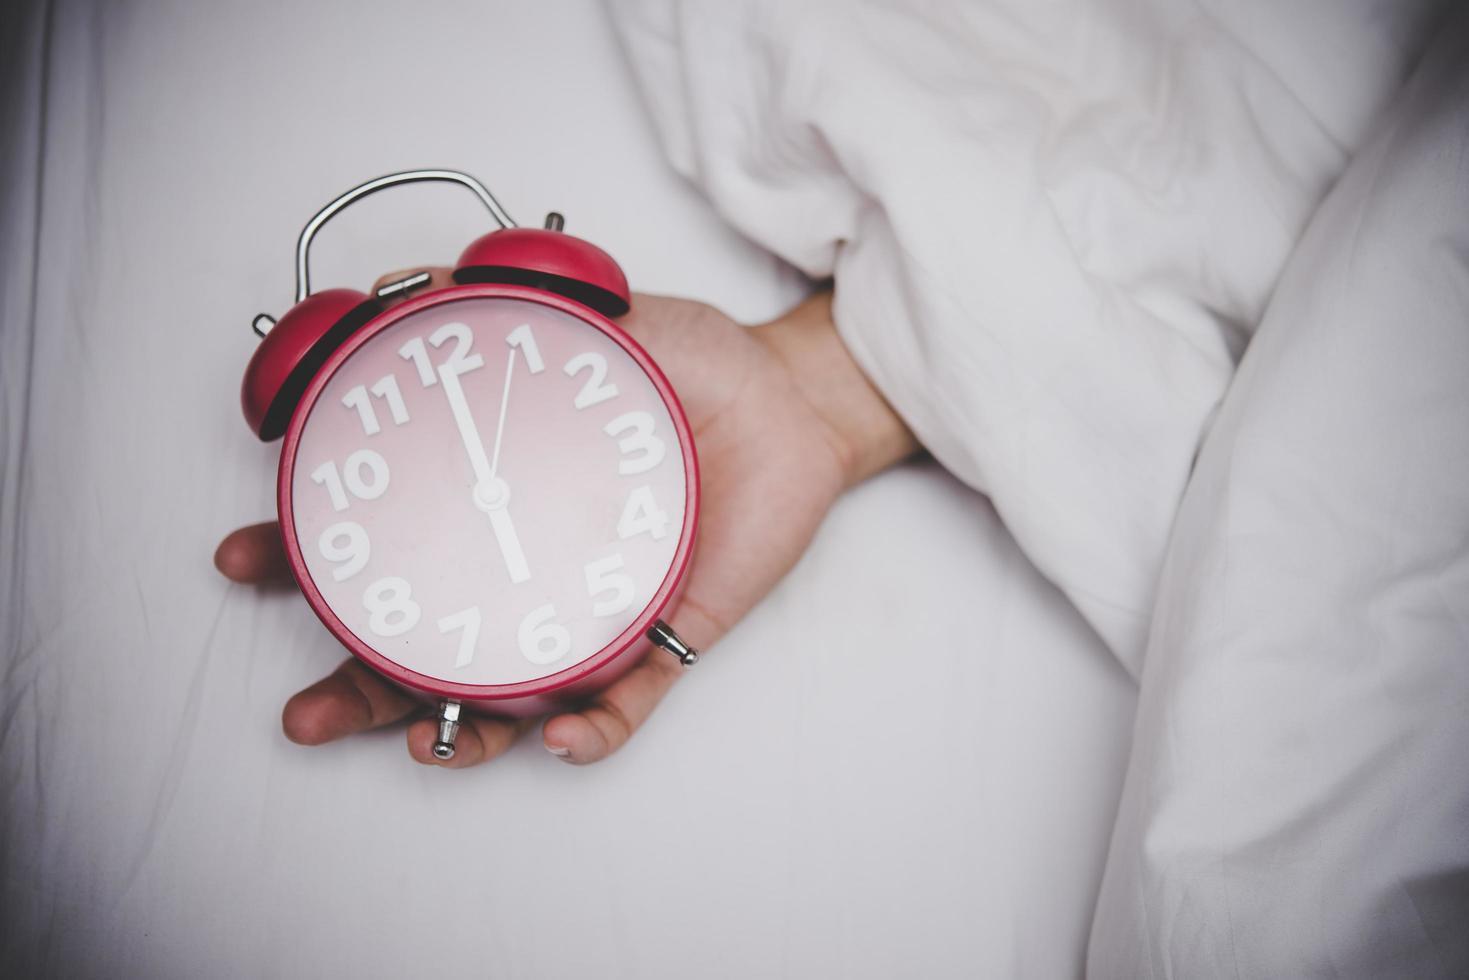 aiguille réglant le réveil à 6 heures photo